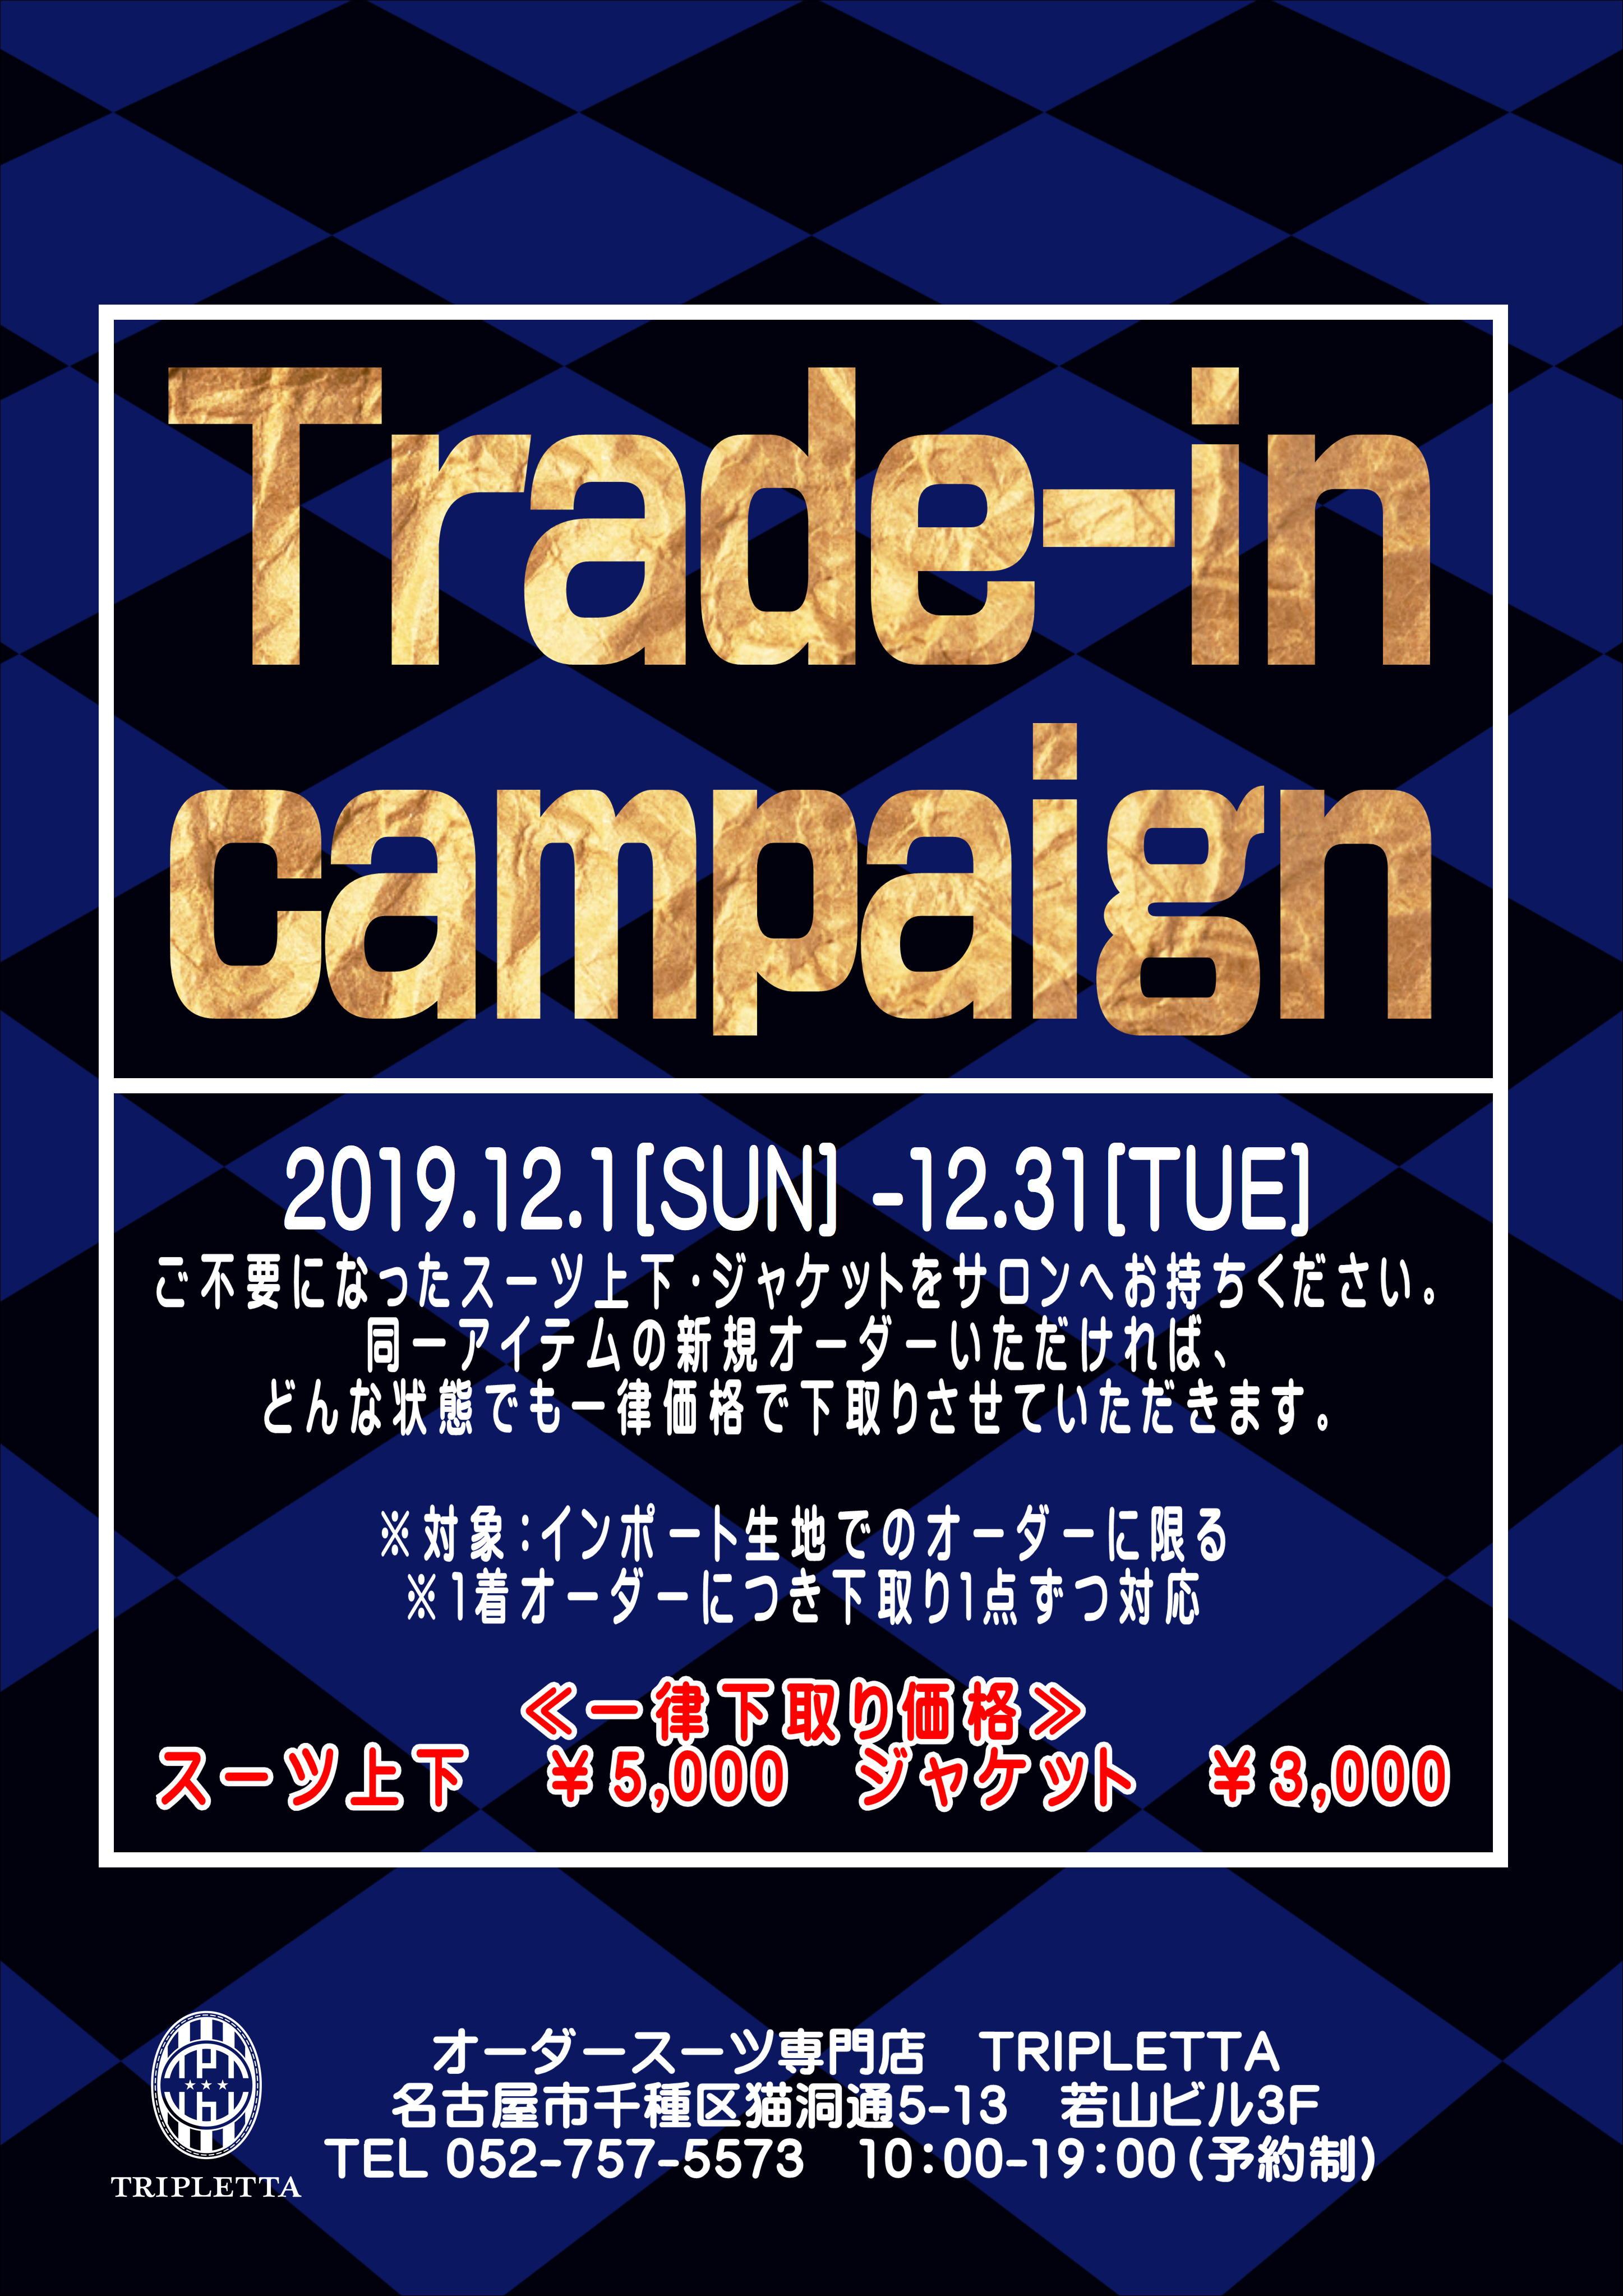 下取りキャンペーン 2019.12_01